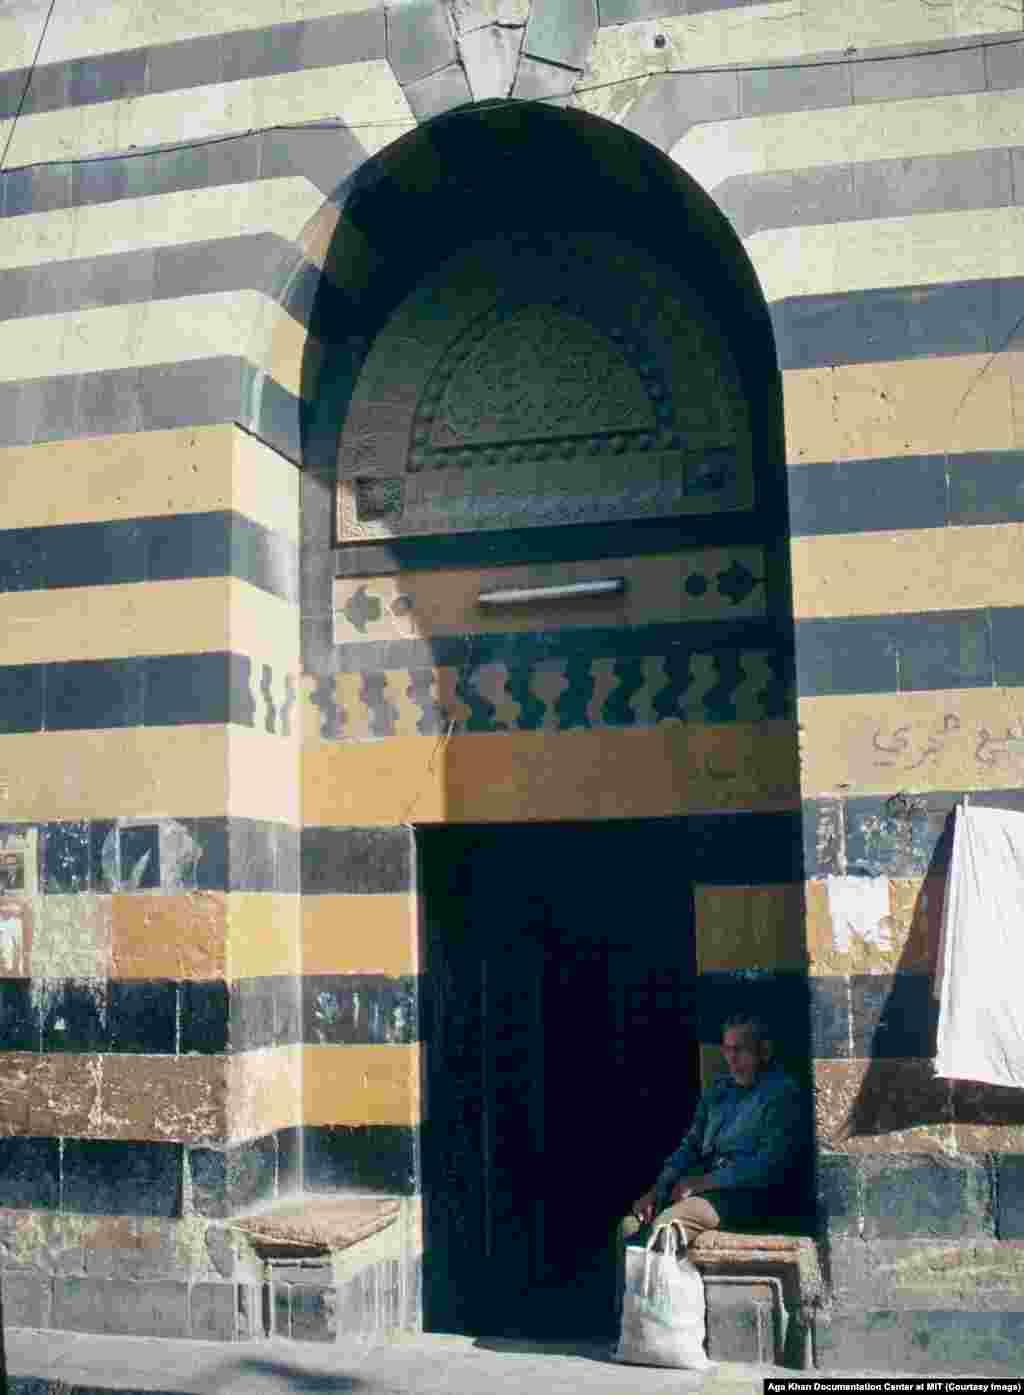 Во времена правления Хафеза Асада стабильность в стране частично восстановилась, но методы работы его секретных служб оставались безжалостными На фото – вход в городскую баню в Алеппо, 1991 год